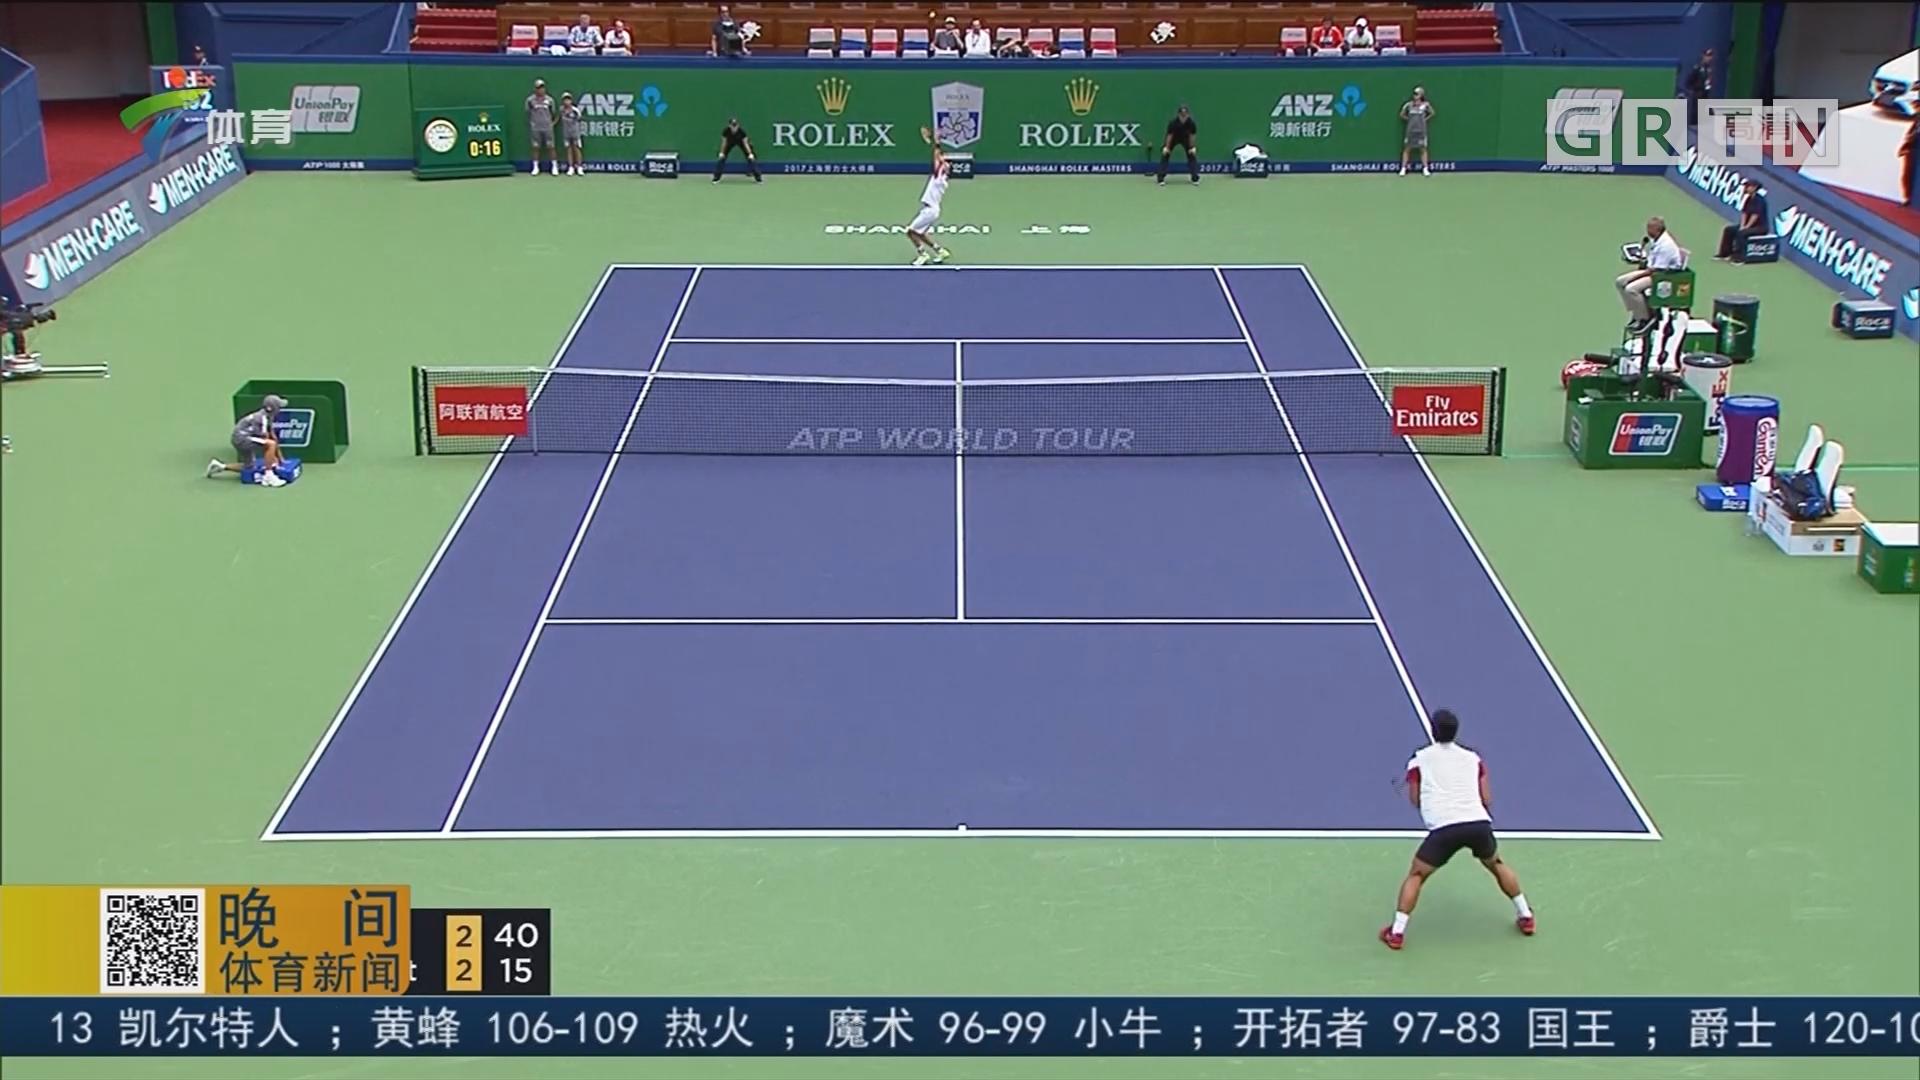 上海大师赛 强手悉数晋级 韩国黑马遭冷门